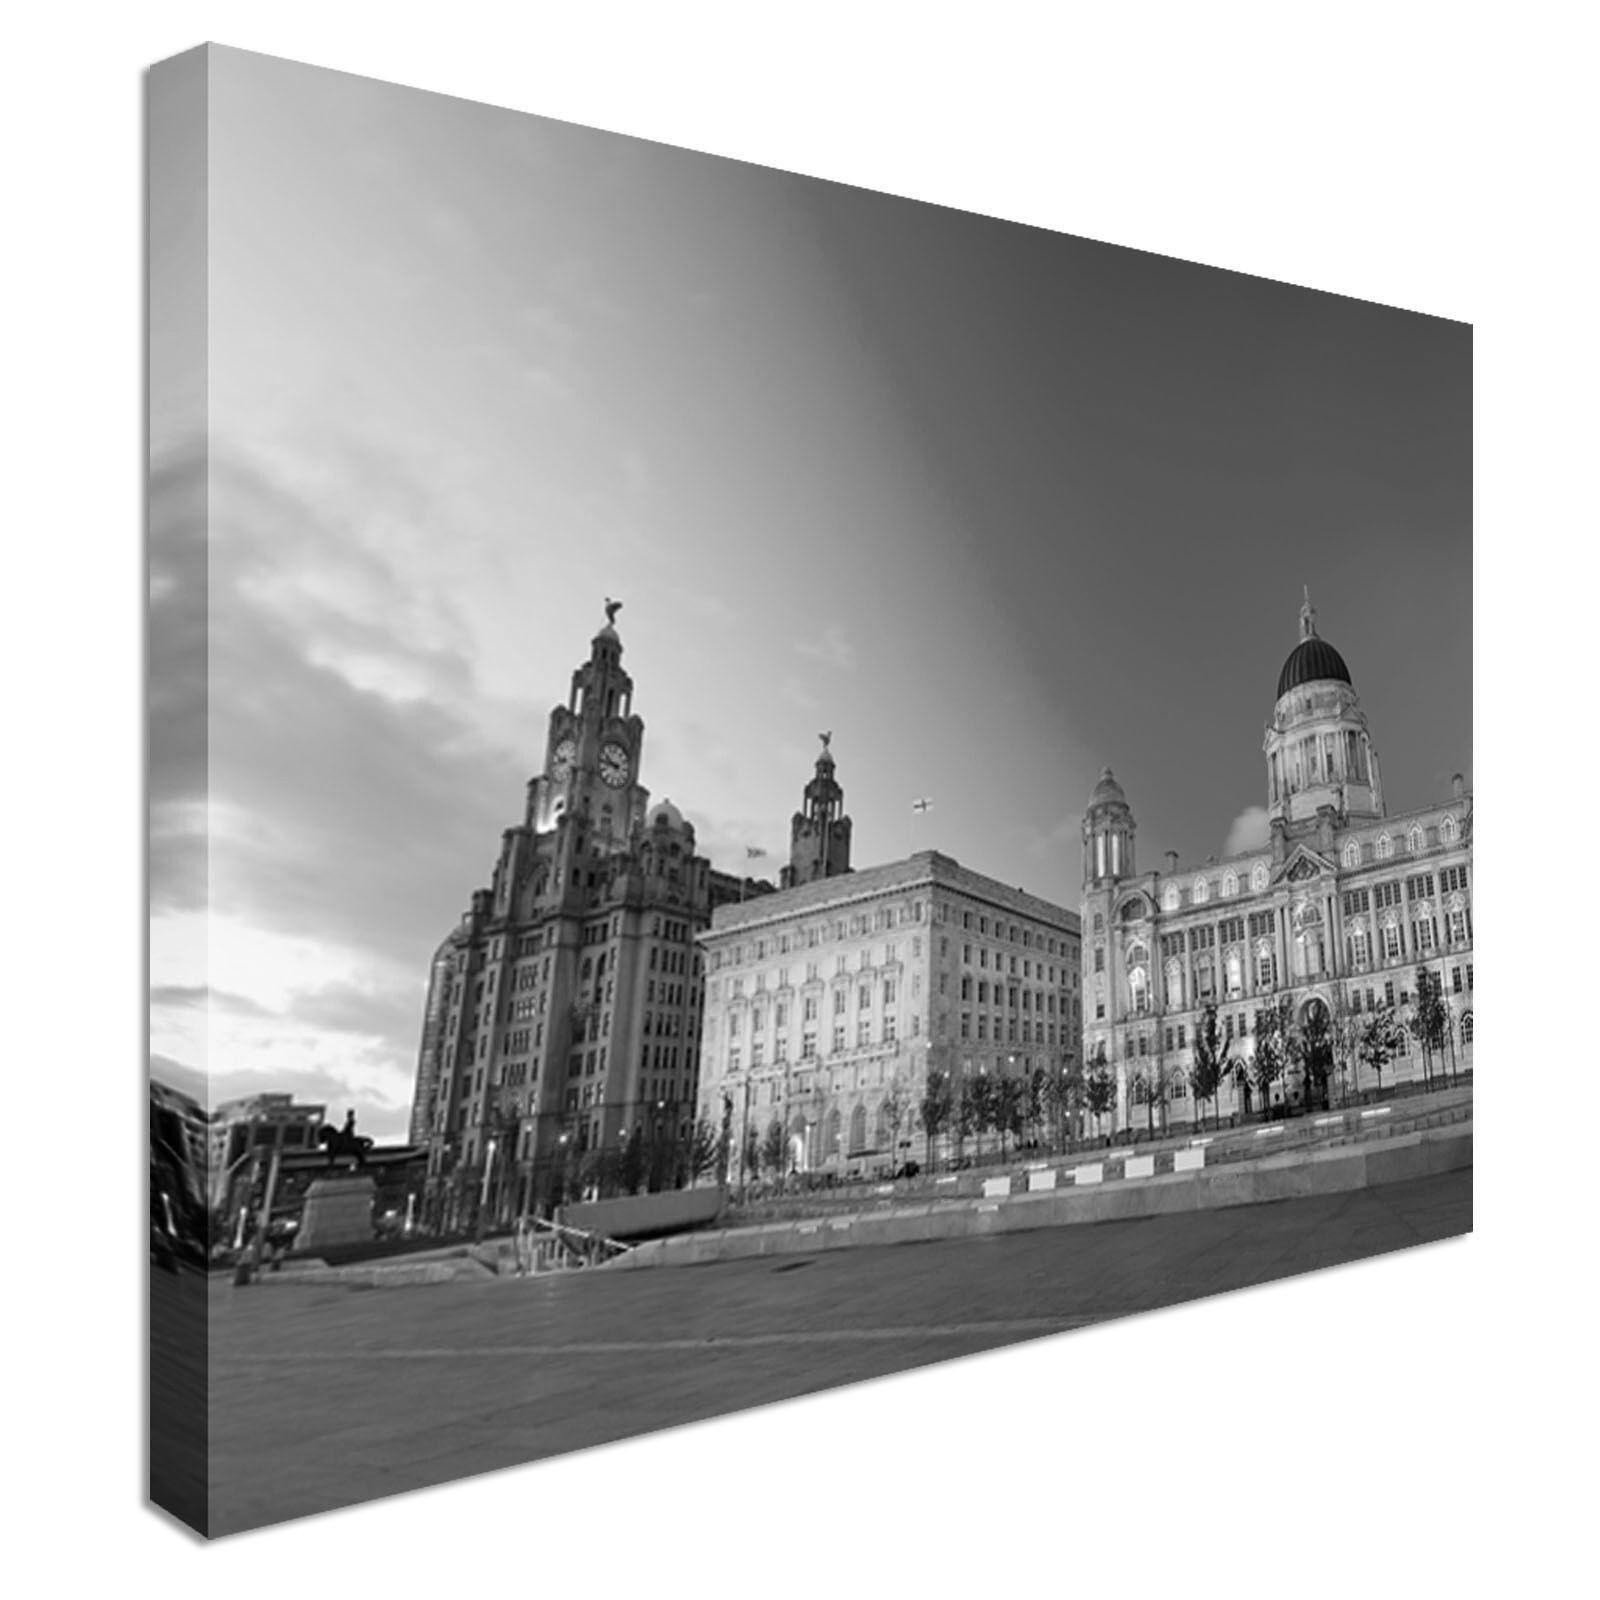 Liverpool City Centre-TRE GRAZIE ARTE Tela Stampa Muro a buon buon buon mercato tutte le dimensioni Cuccioli f200d8